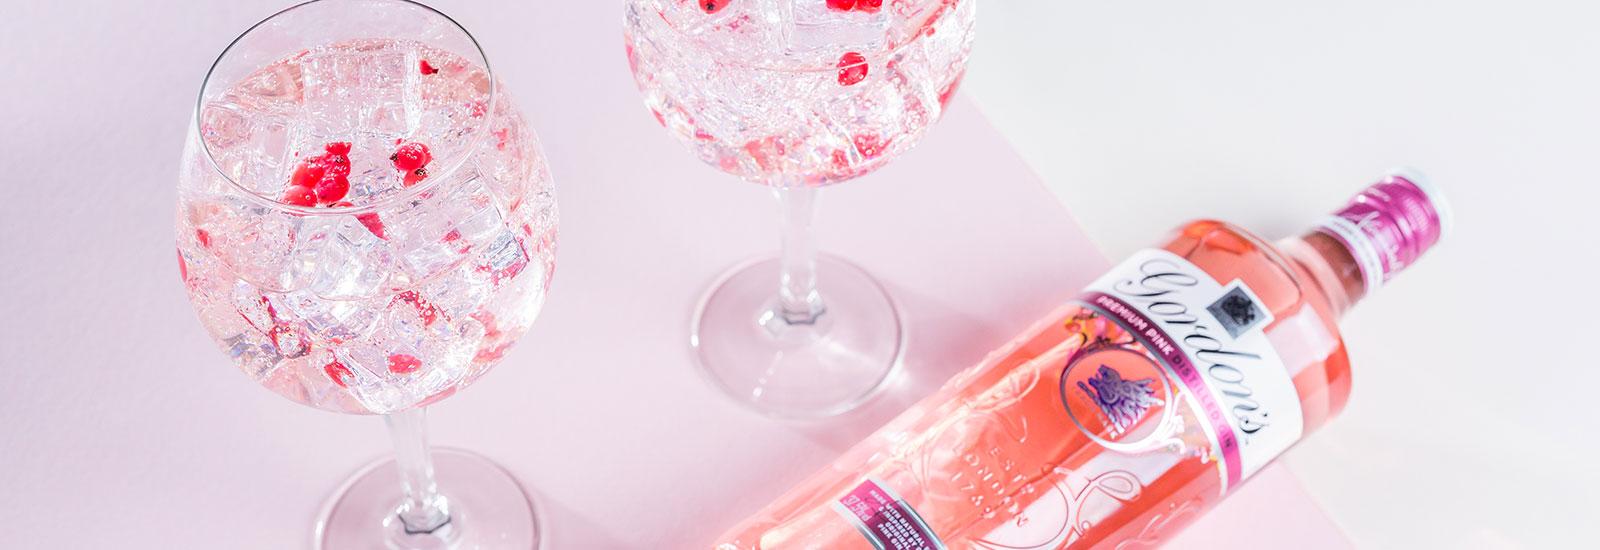 Nieuw: Gordon's Pink Gin, met de natuurlijke zoetheid van frambozen en aardbeien!